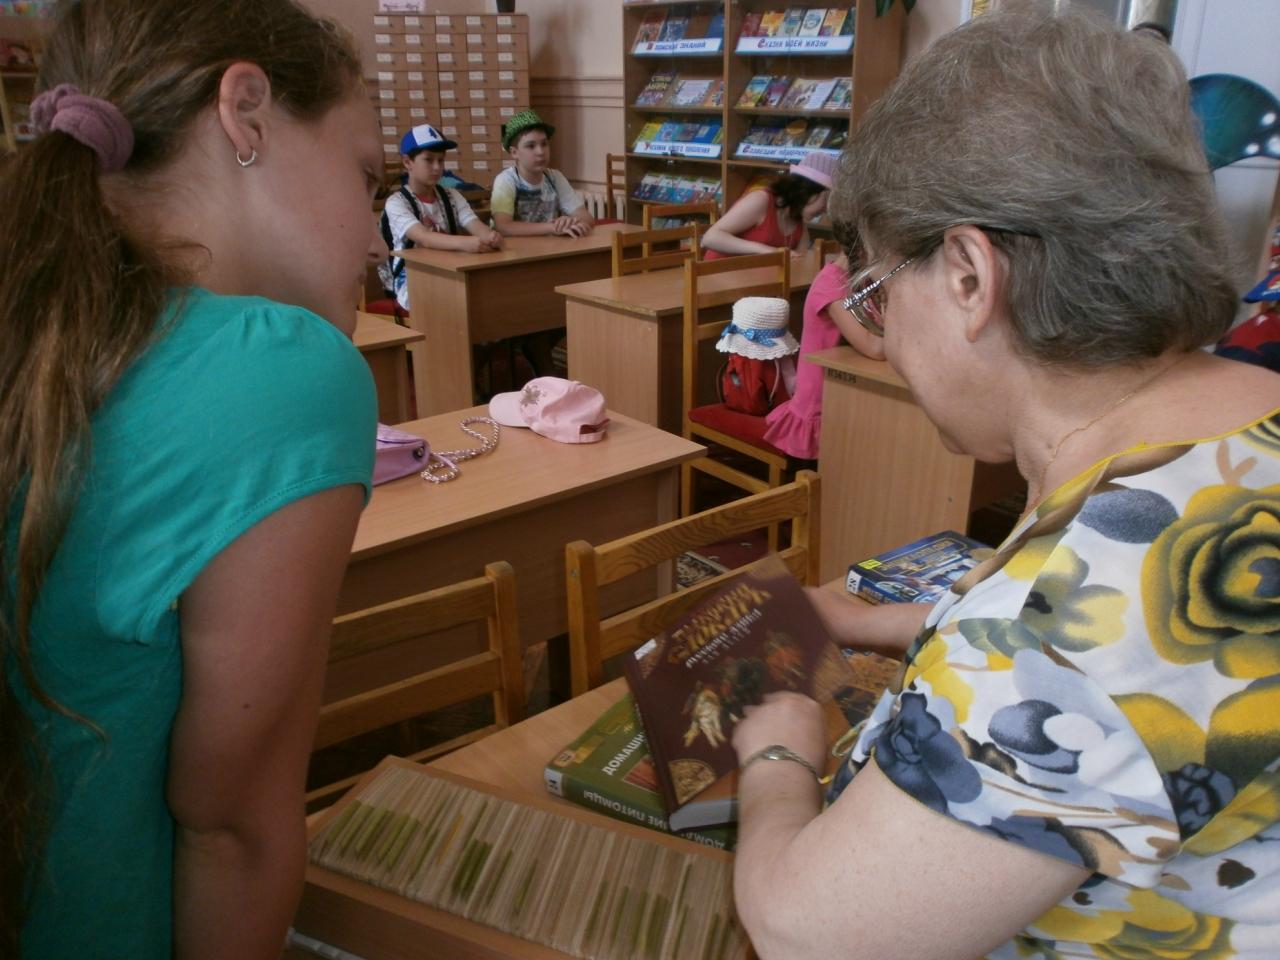 библиотечный урок,информационно-поисковая система в библиотеке,донецкая республиканская библиотека для детей,занятия с детьми,пропаганда чтения